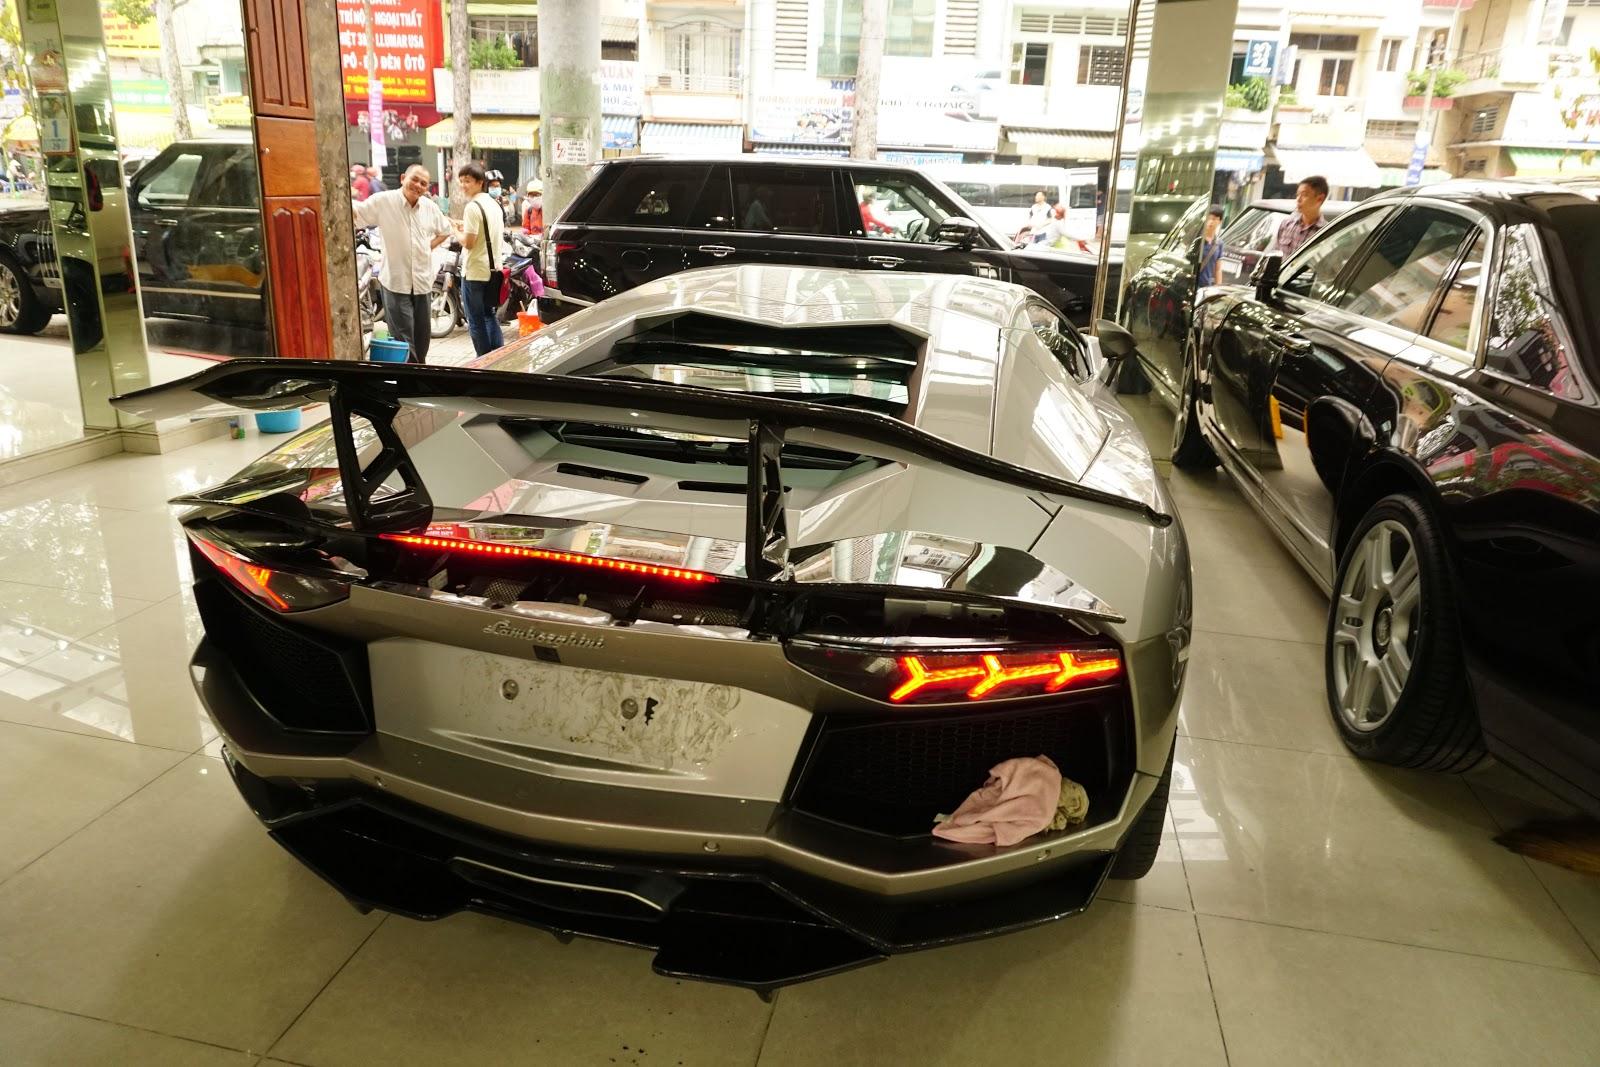 Đuôi xe được đắp...quá nhiều carbon, trông hầm hố, thể thao và đậm chất đua